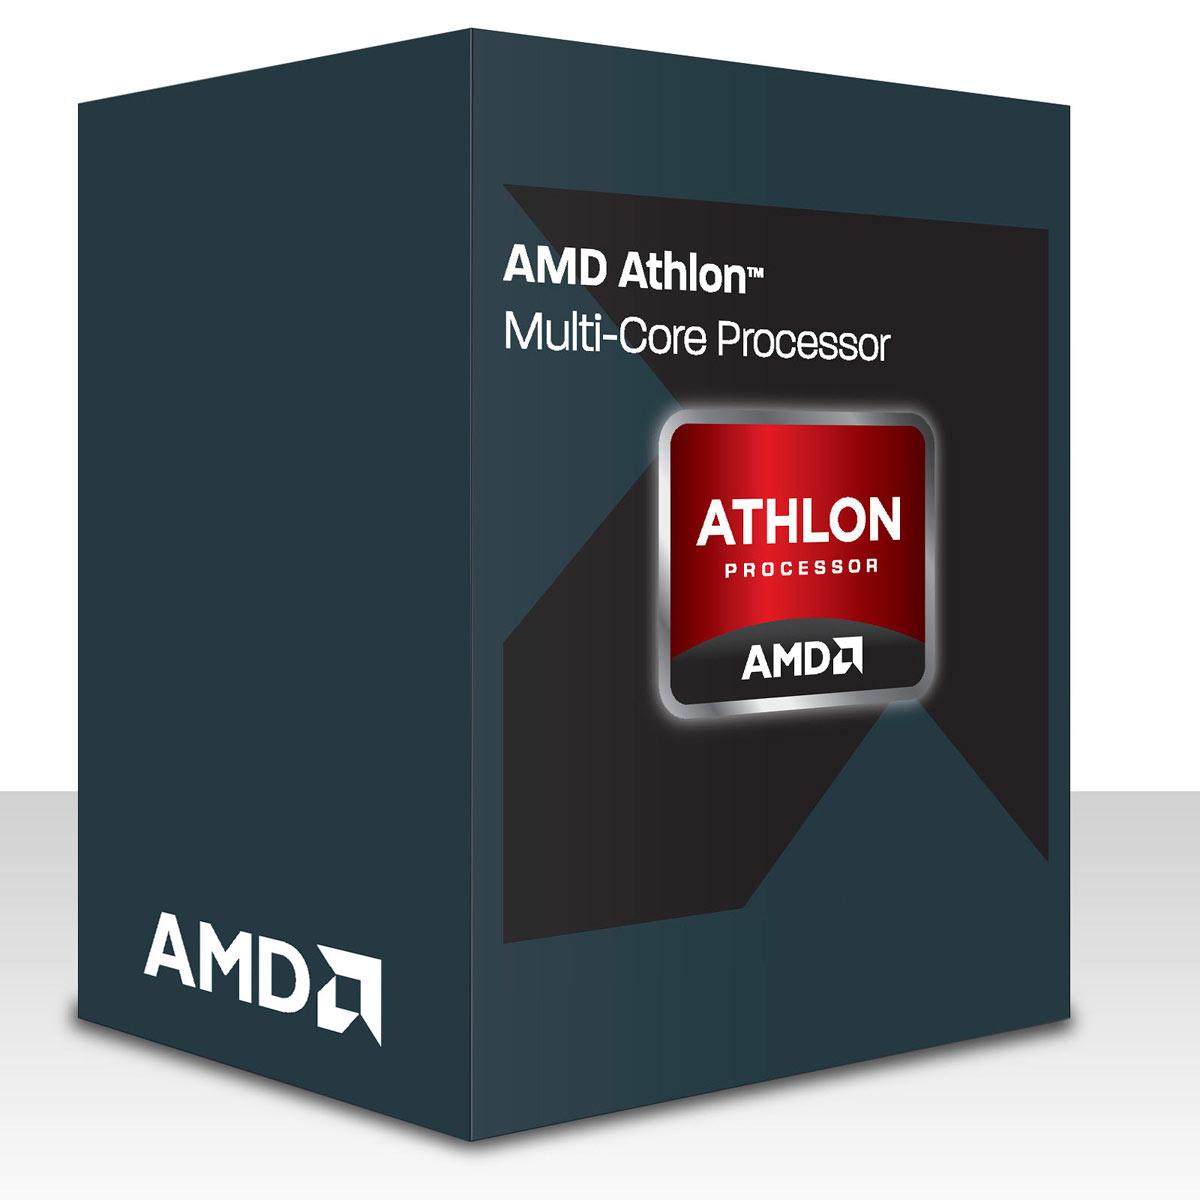 Processeur AMD Athlon X4 860K (3.7 GHz) - Low Noise Edition Processeur Quad Core Socket FM2+ 0.028 micron Cache L2 4 Mo + ventilateur silencieux (version boîte - garantie constructeur 3 ans)